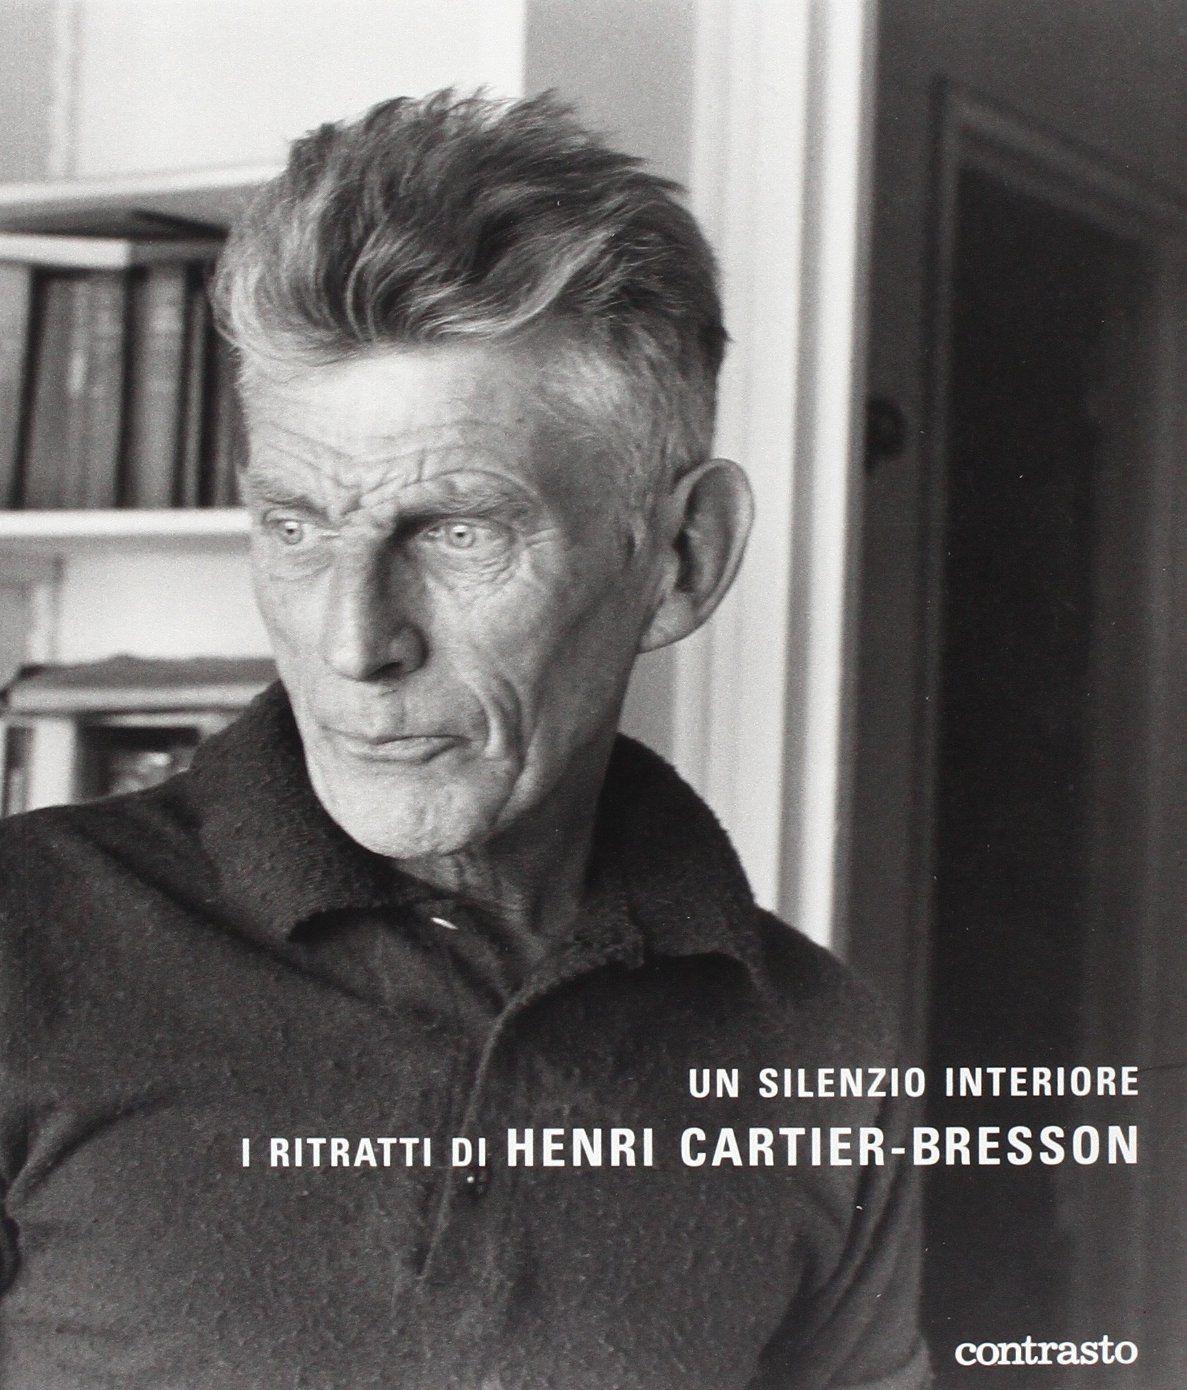 Amazon.it: Un silenzio interiore. I ritratti di Henri Cartier-Bresson - Agnès Sire, Jean-Luc Nancy, G. Boni - Libri